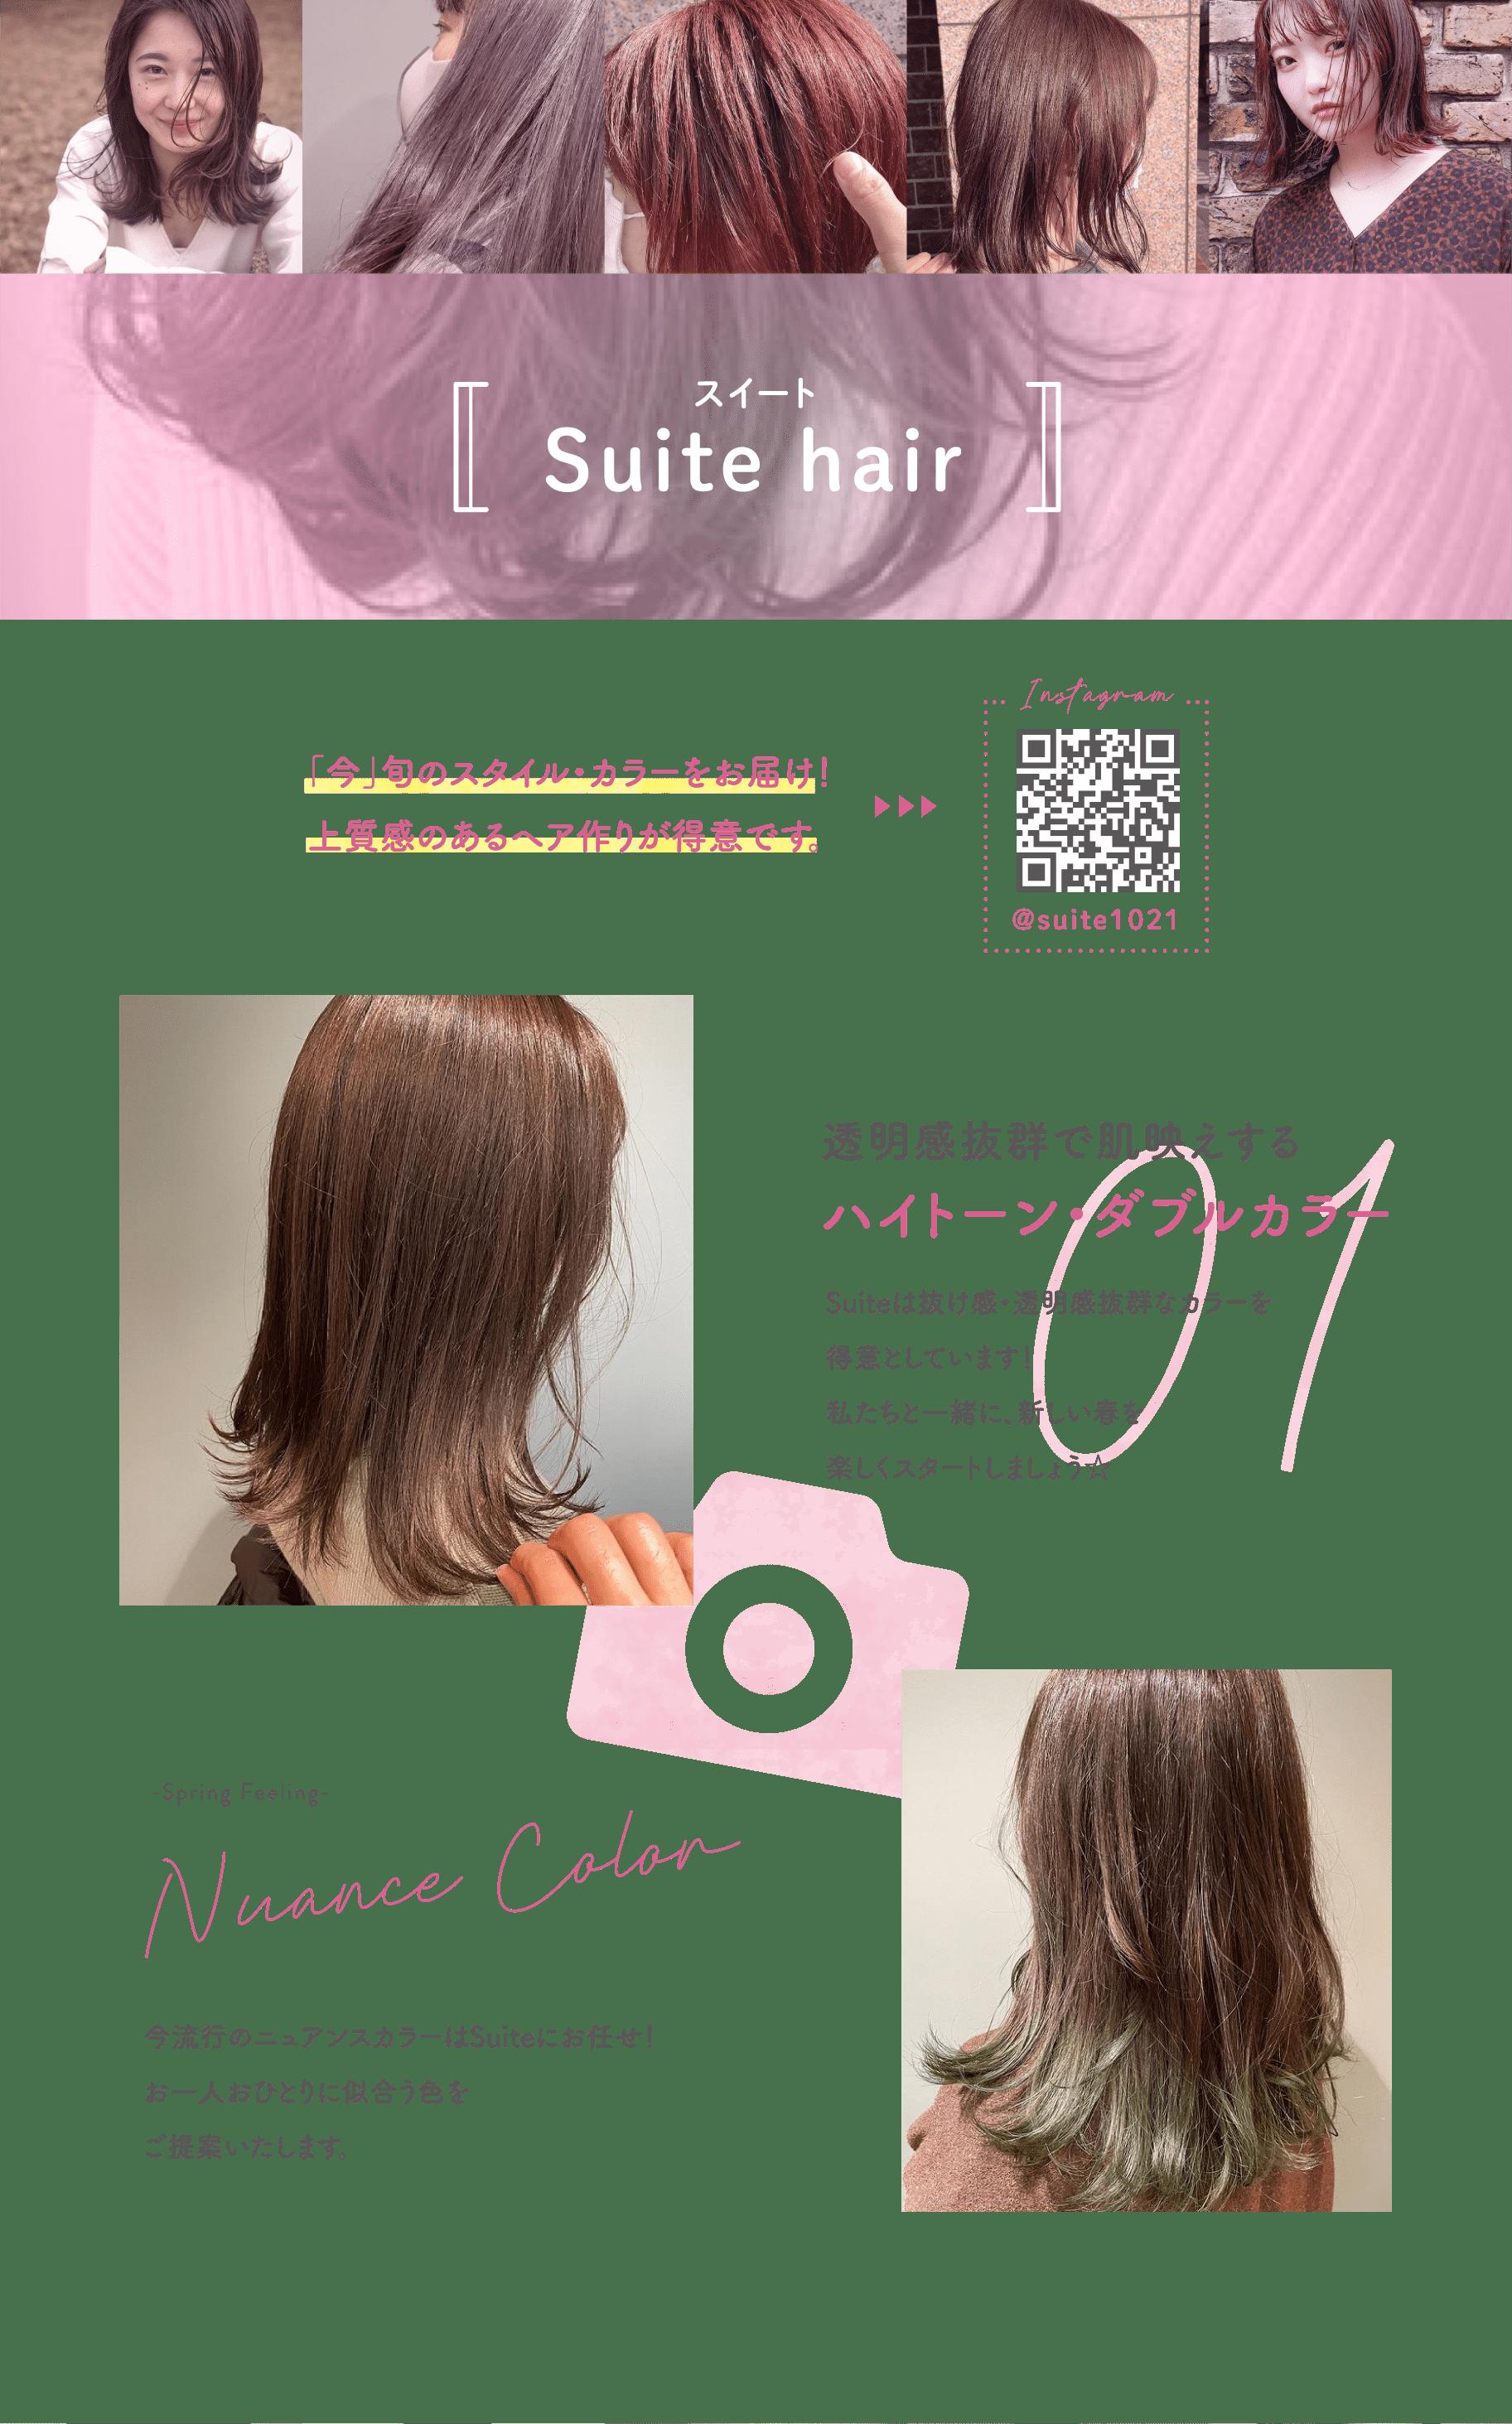 Suite hair